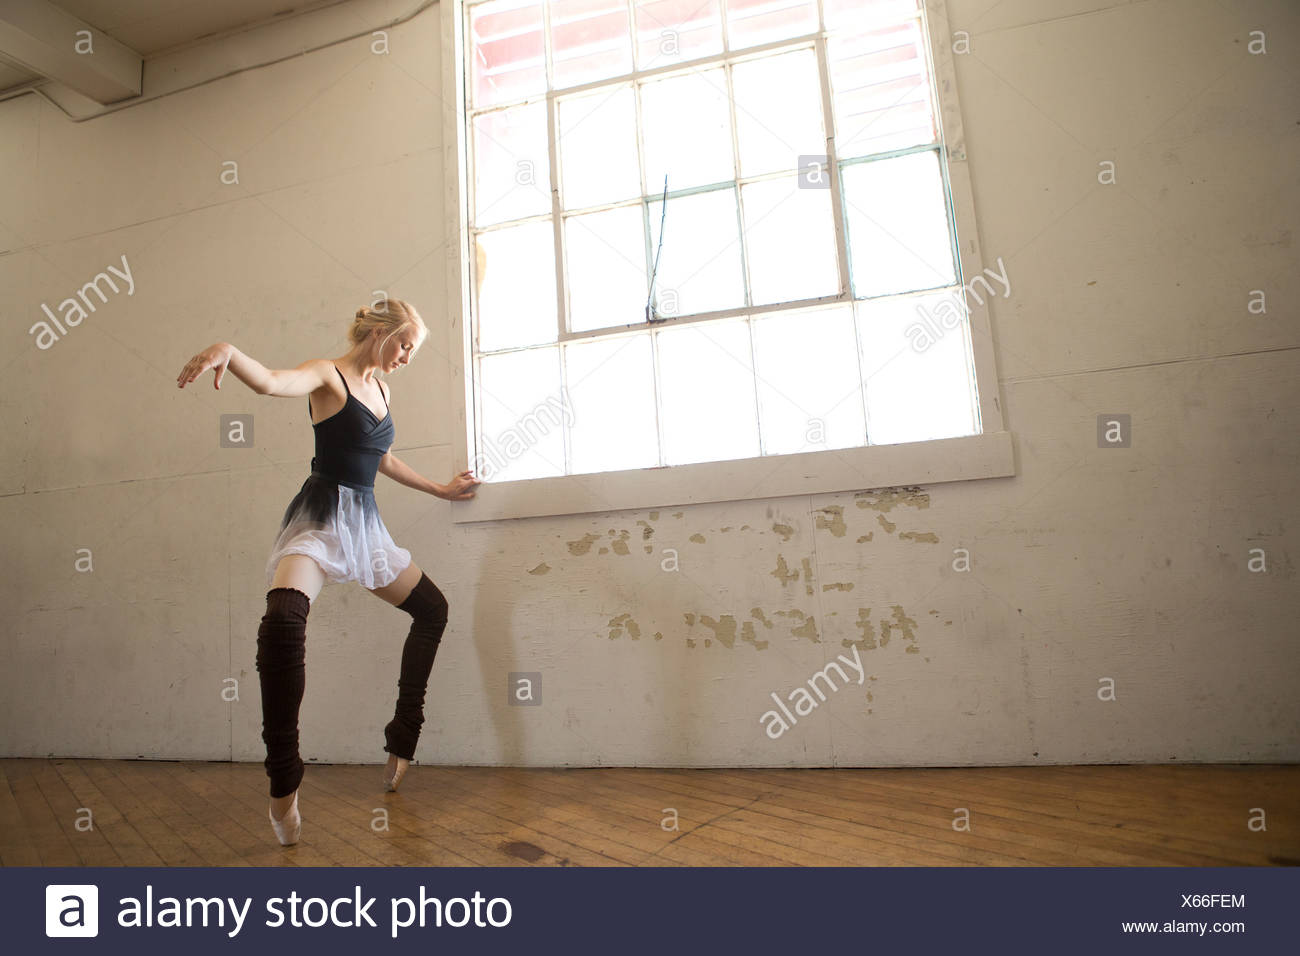 Ballet dancer on tip toes in studio - Stock Image